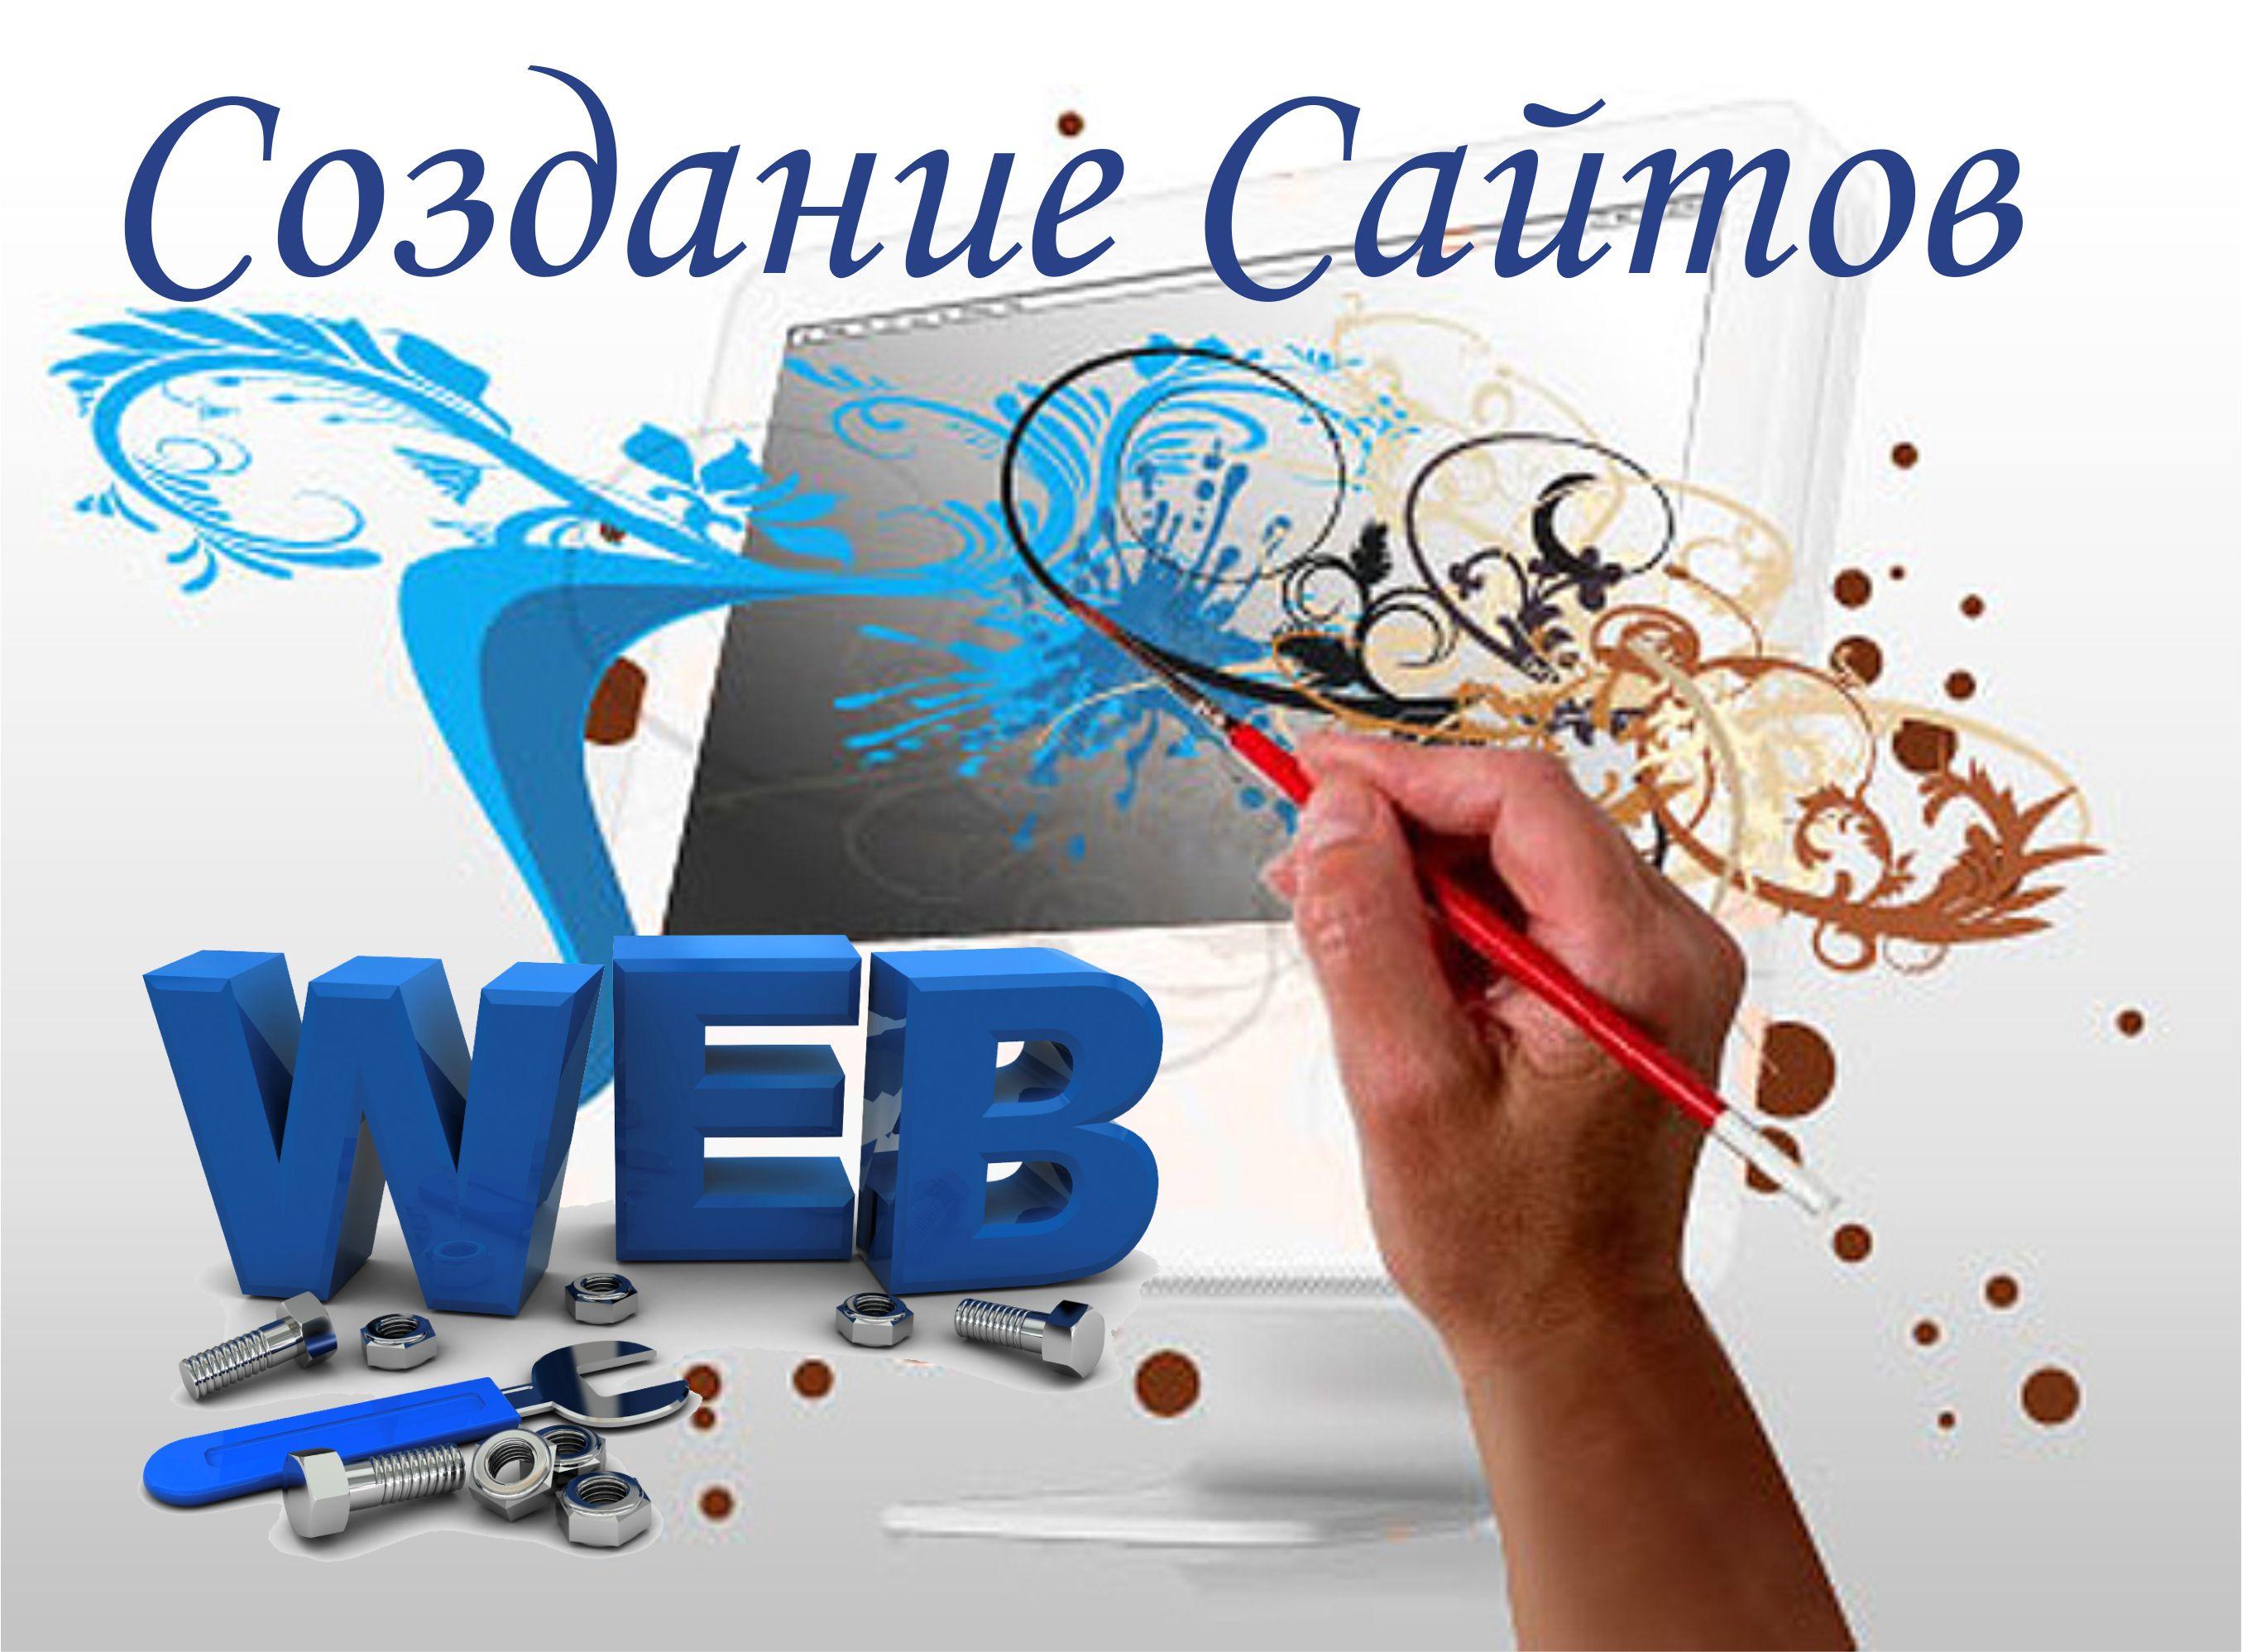 www.castcom.ru